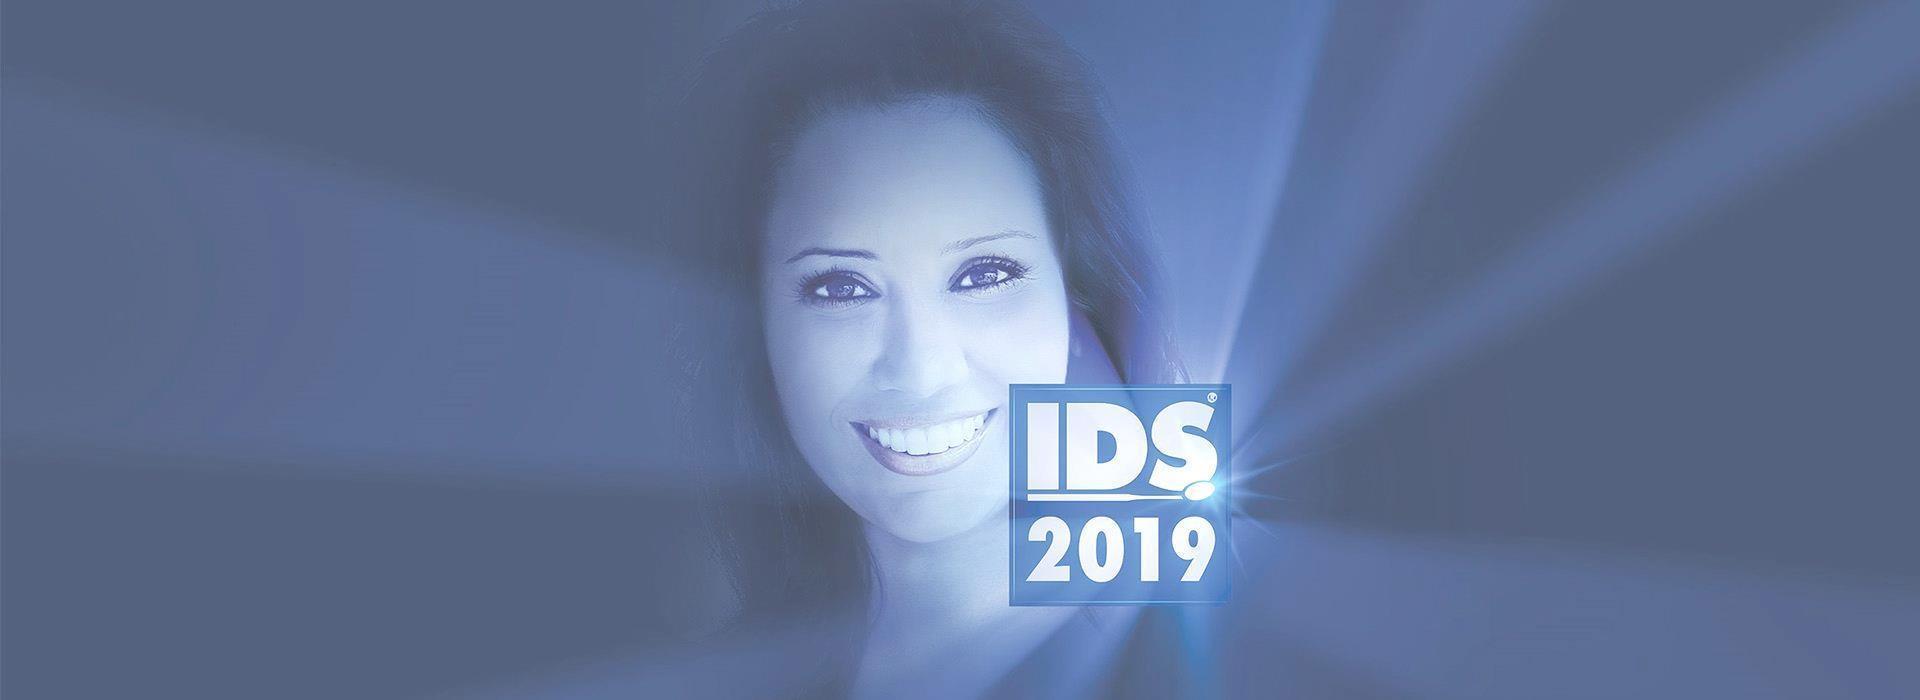 IDS 2019...VI ASPETTIAMO!<br>Pad. 3.1<br>Stand H050-J051